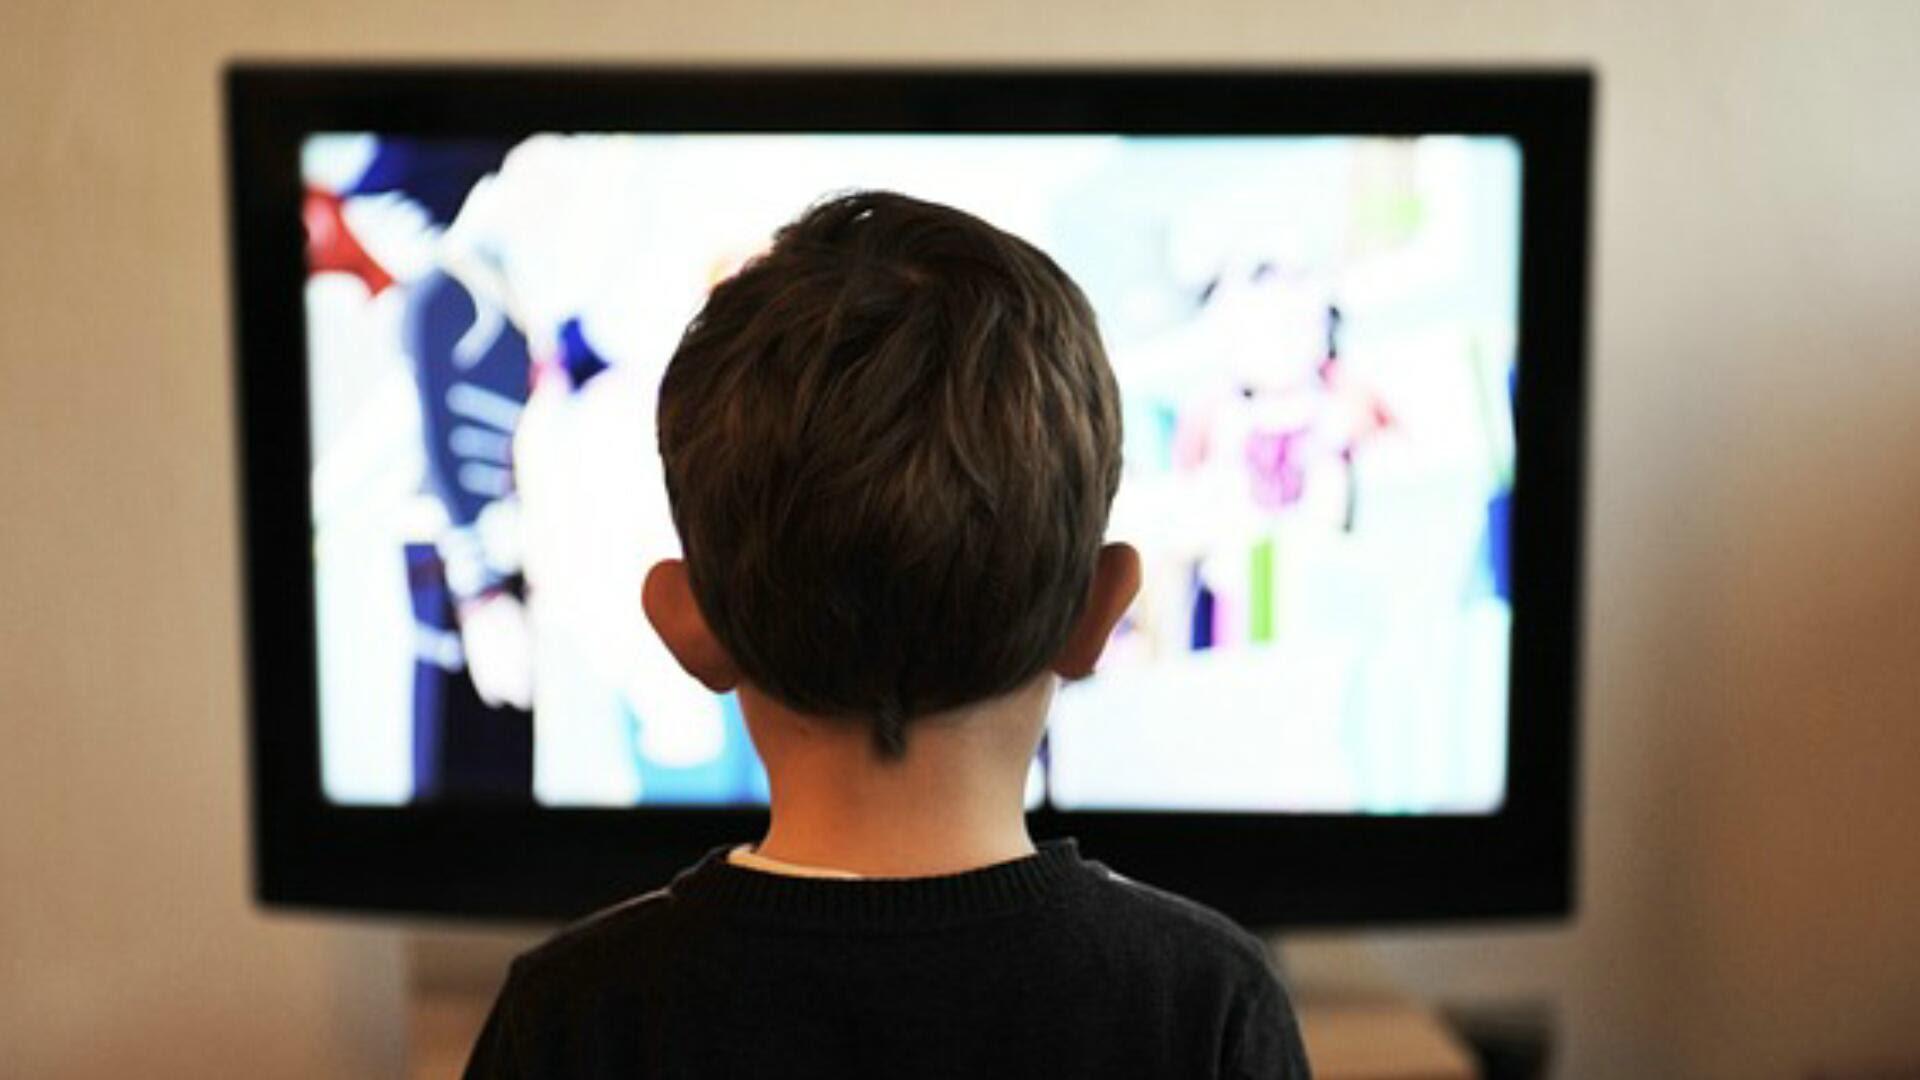 Warum ich kein Fernsehen mehr gucke..